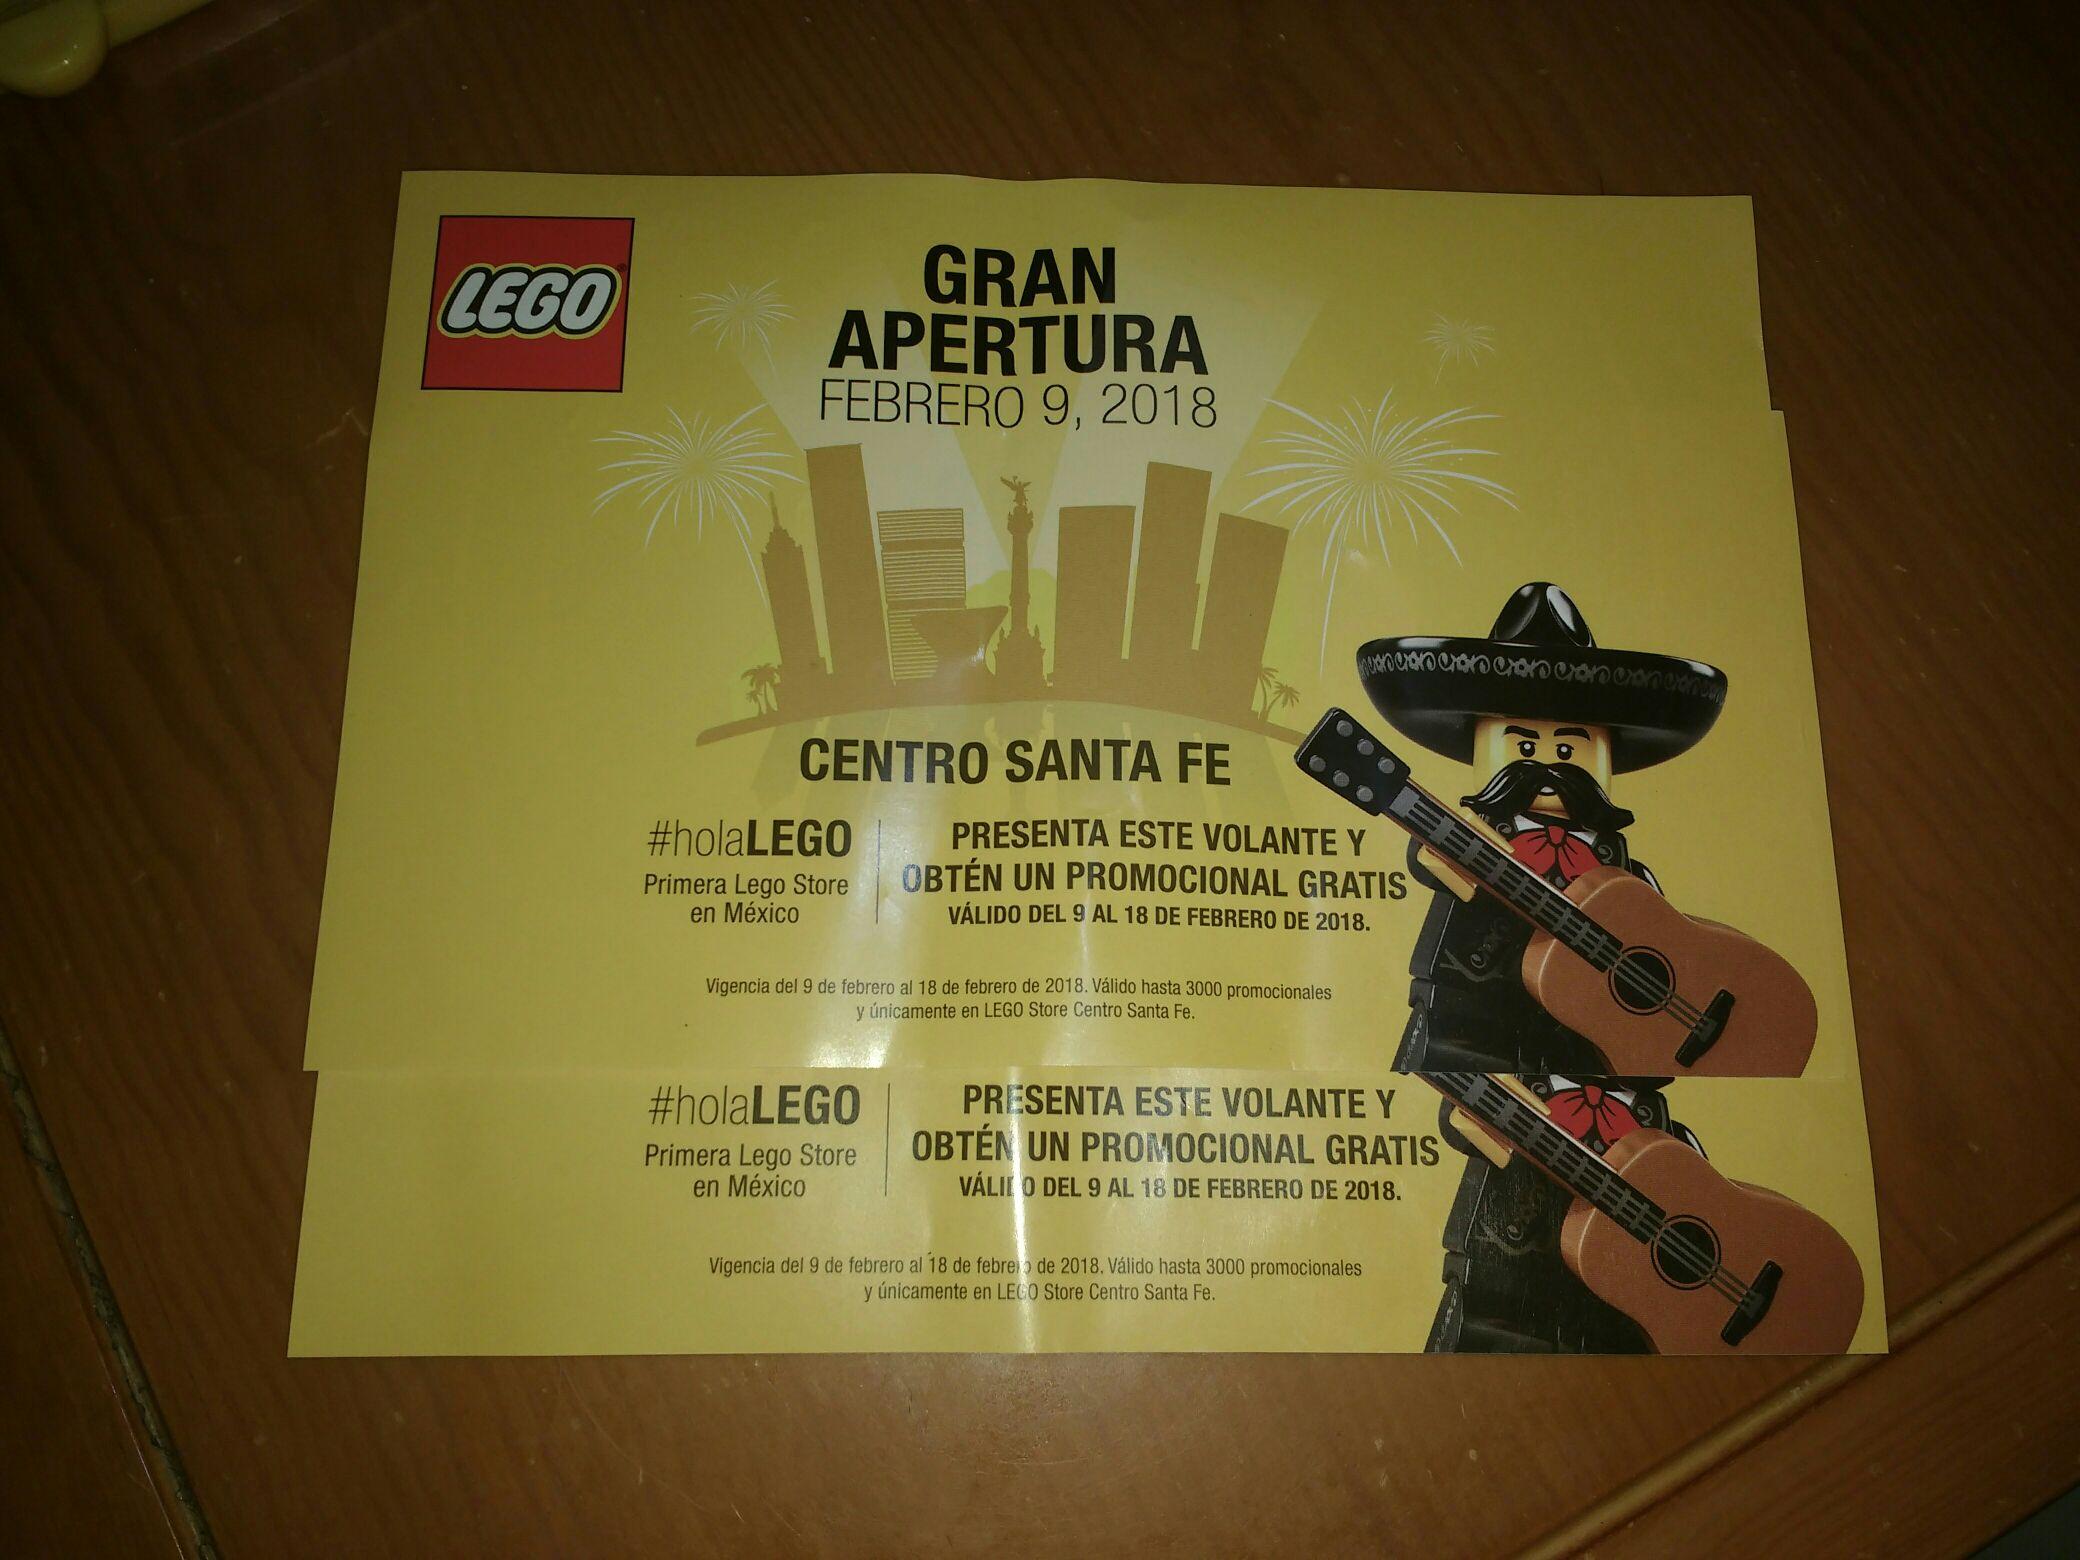 1a Tienda Lego en Centro Santa Fe, gratis promocional presentando volante.